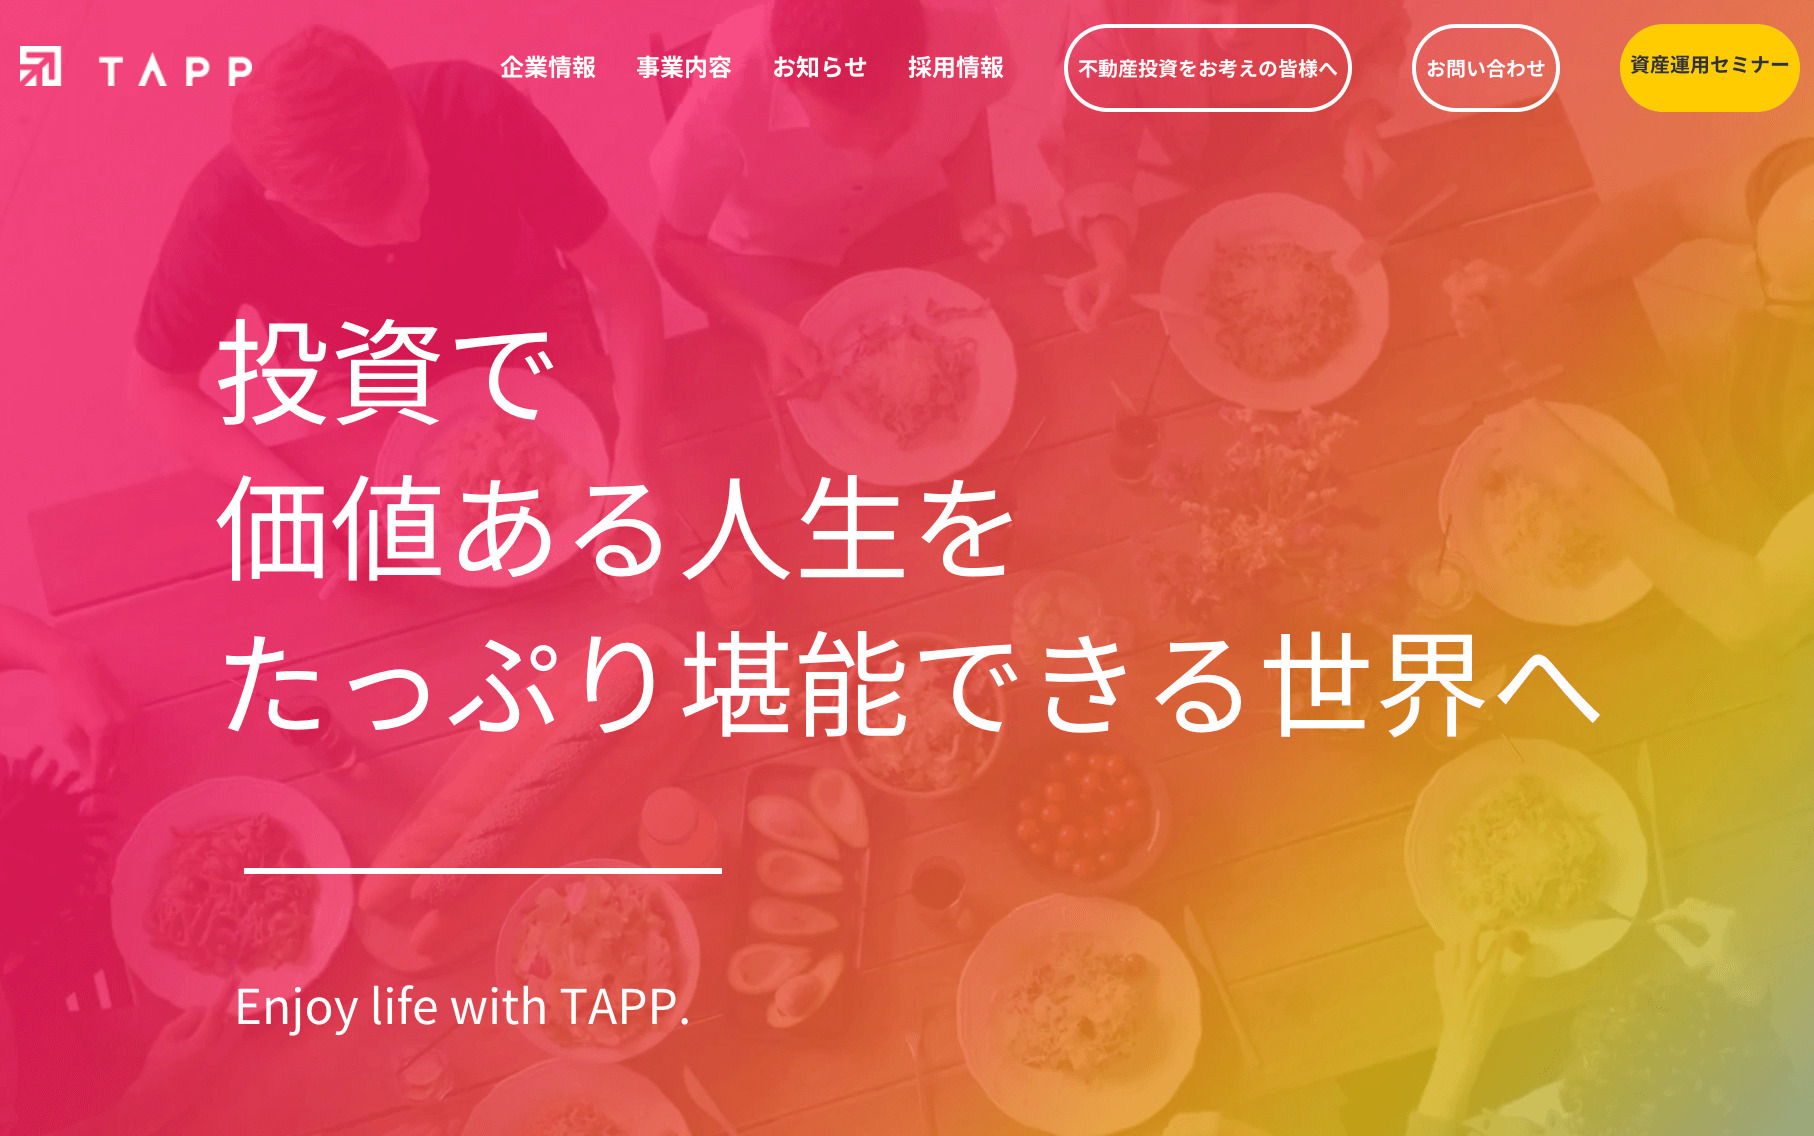 2-6.株式会社TAPP